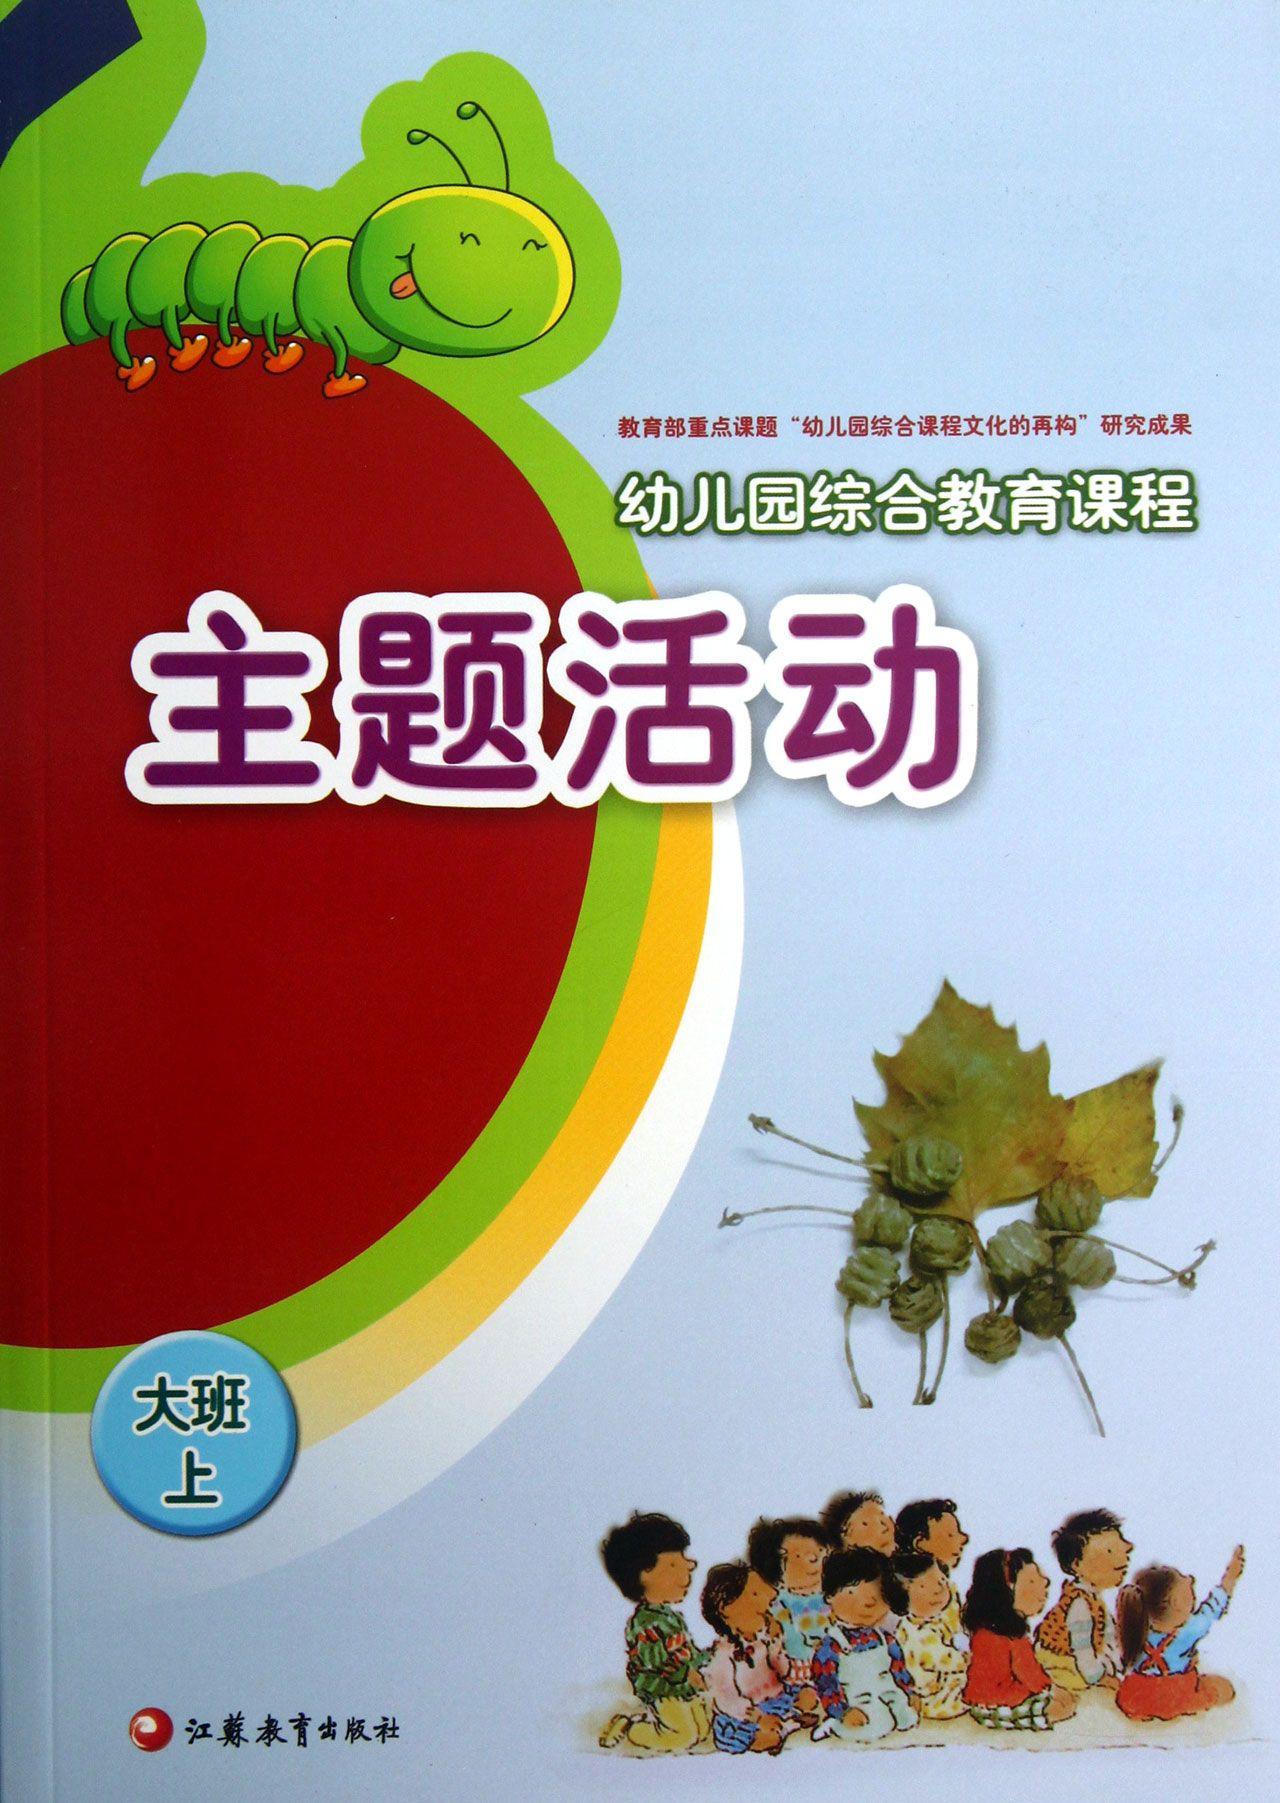 主题活动(大班上幼儿园综合教育课程)